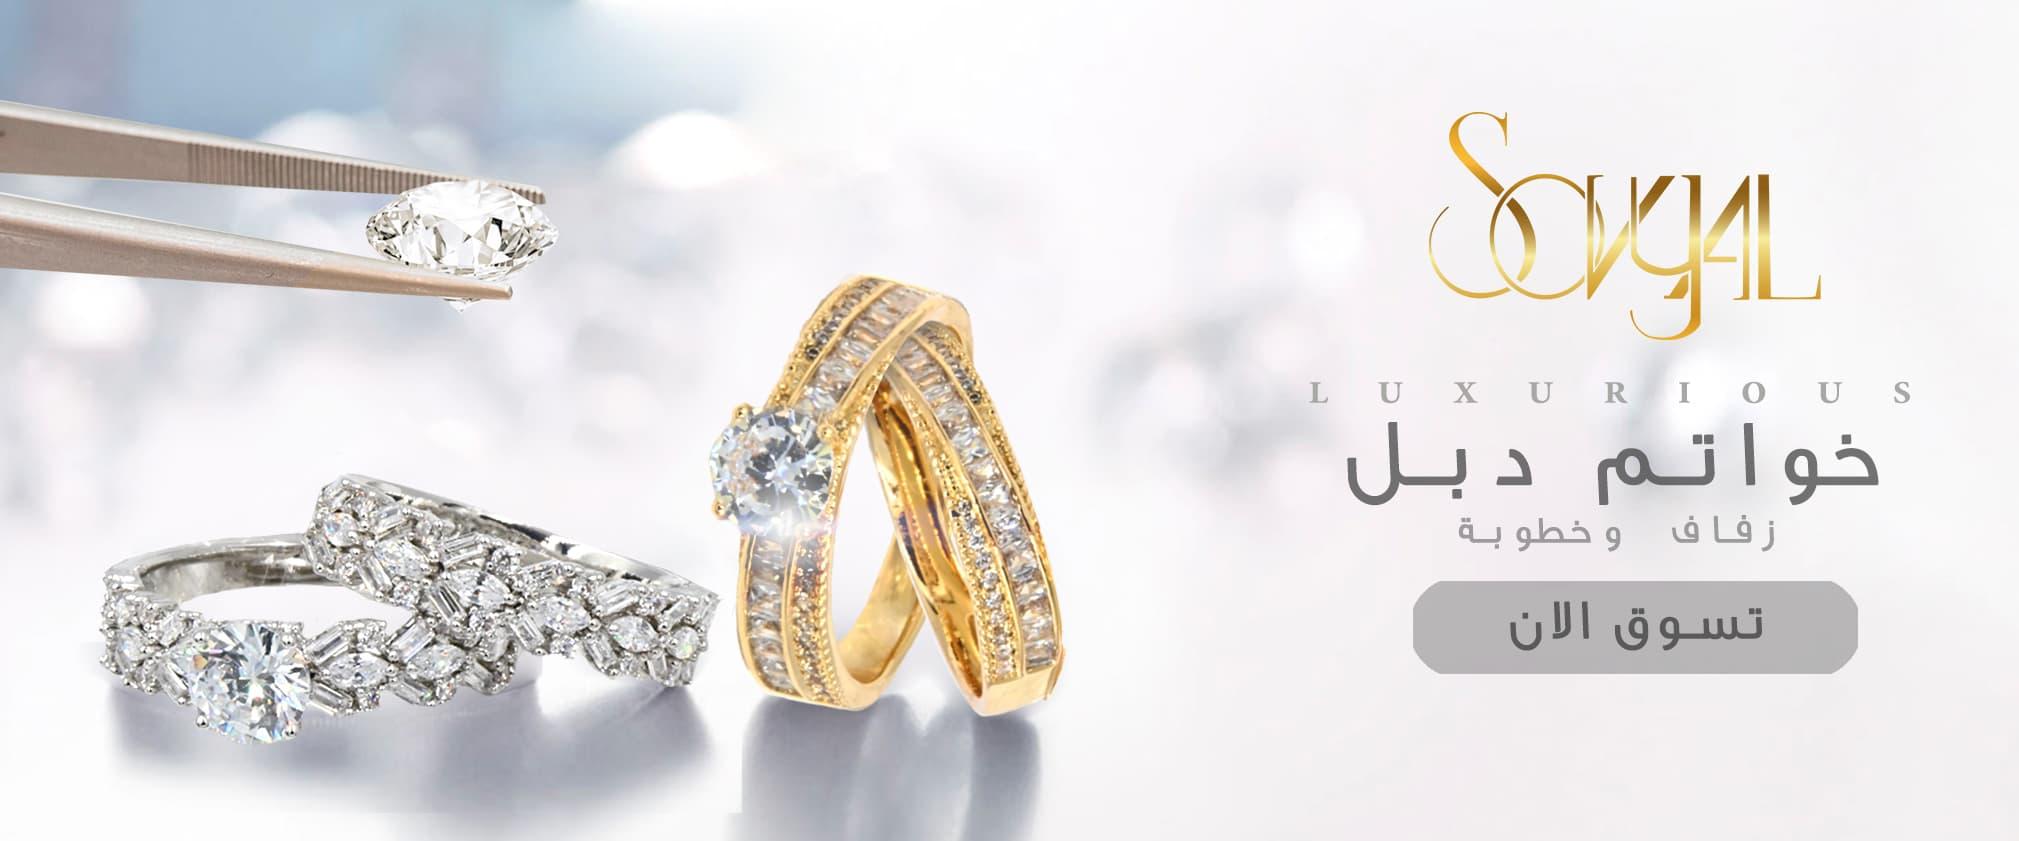 TWINS RINGS عربي تعديل 1